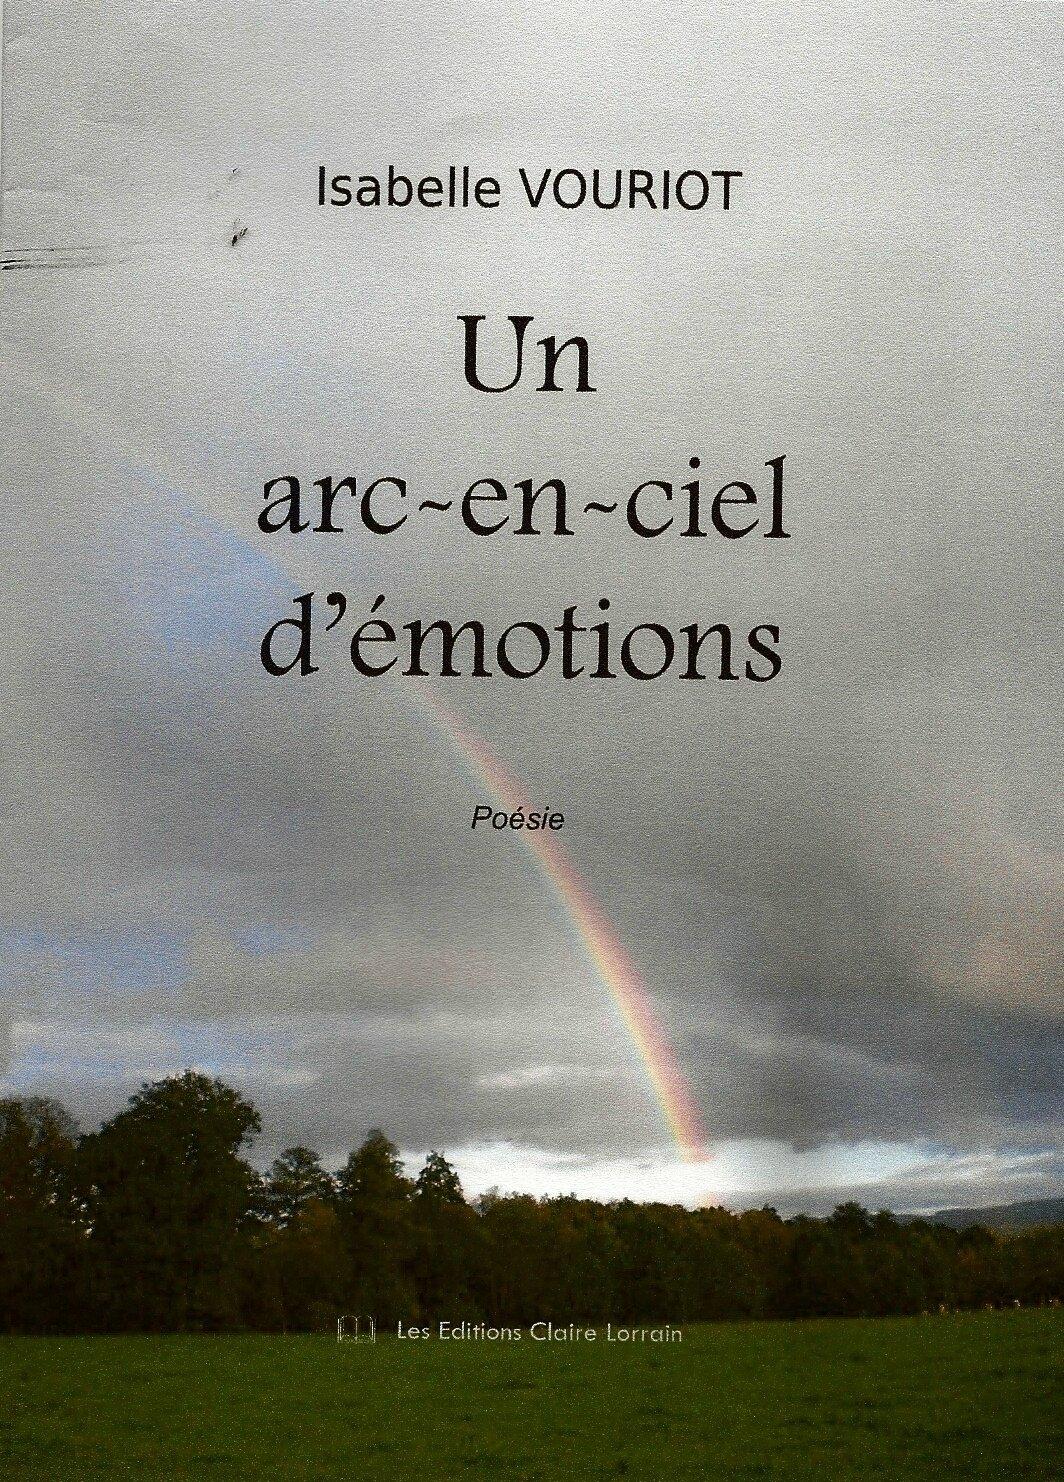 Un arc en ciel d'émotions